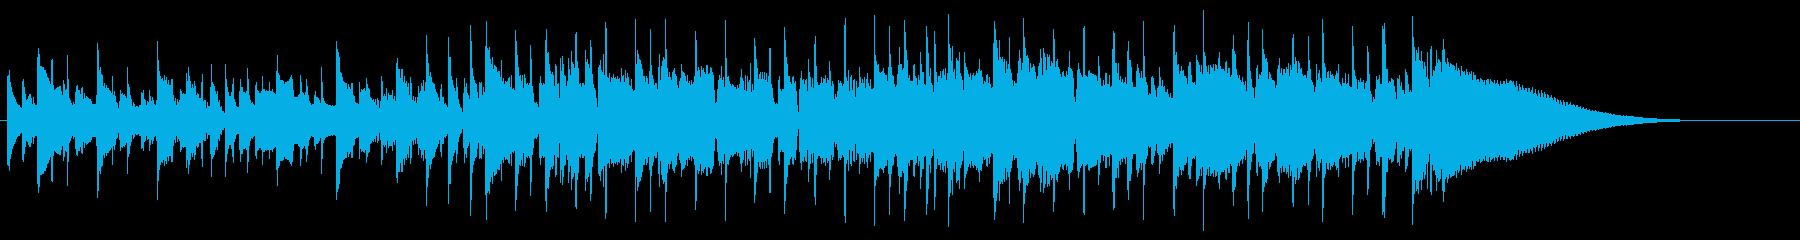 動画 感情的 静か 楽しげ ハイテ...の再生済みの波形